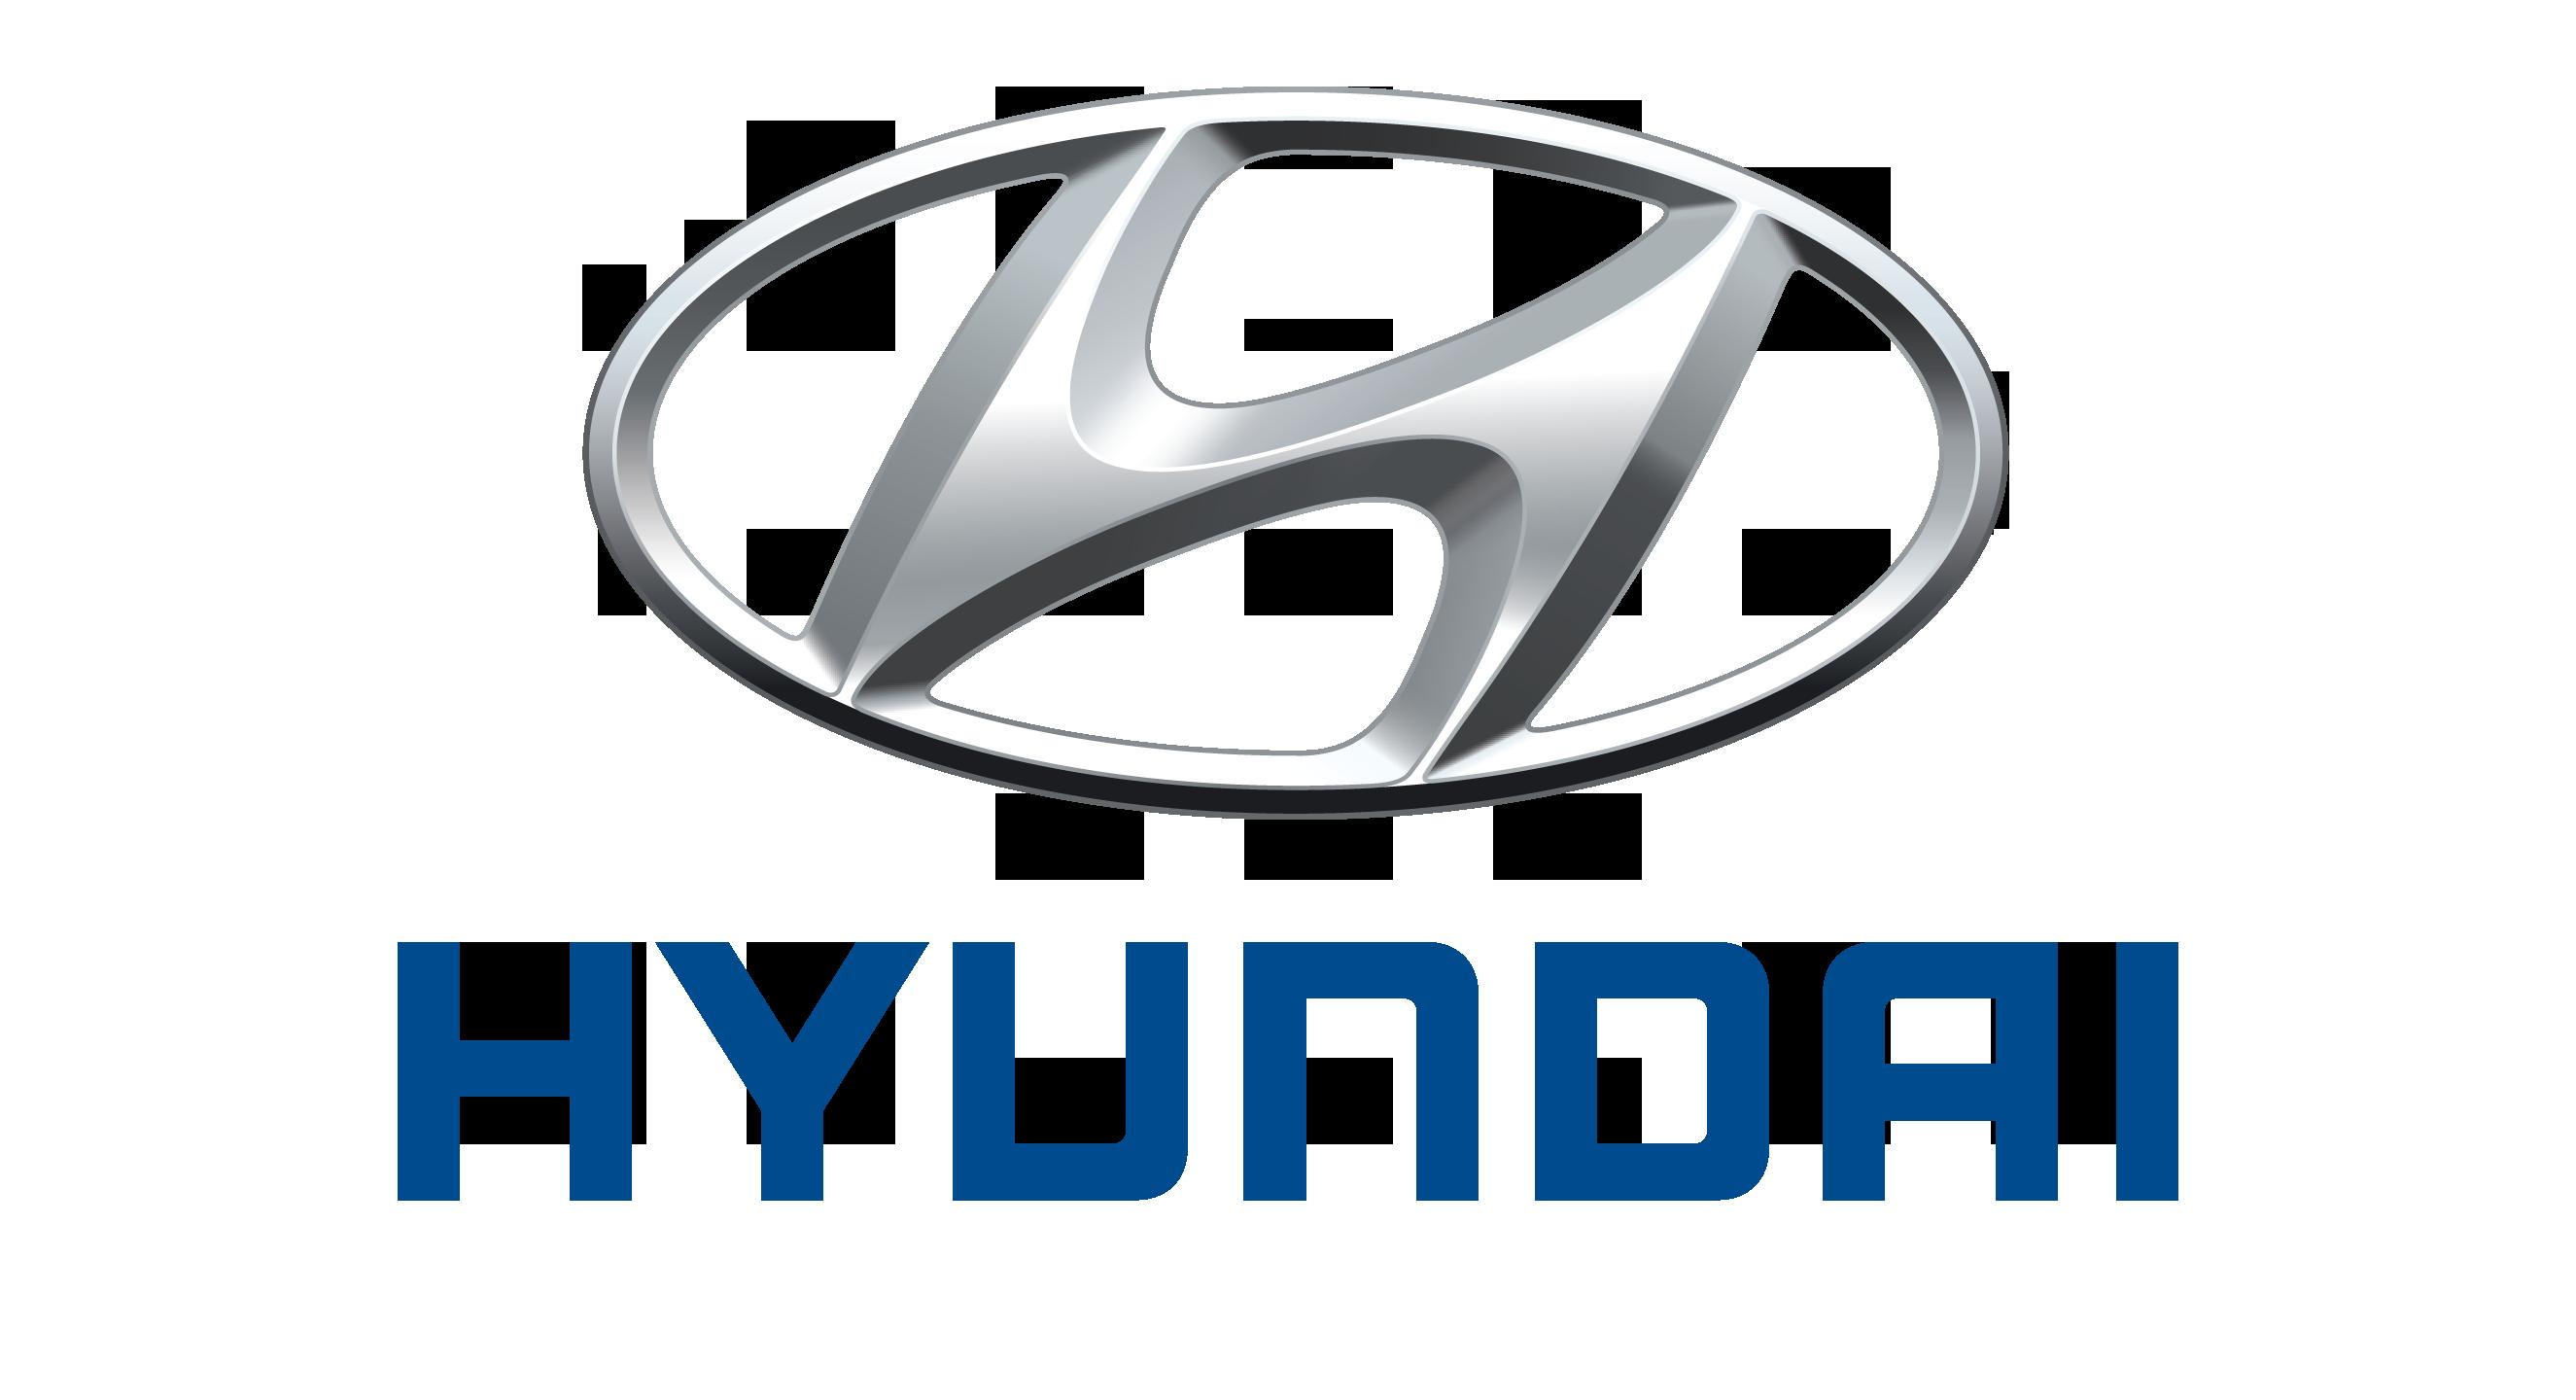 Resultado de imagem para logo hyundai png